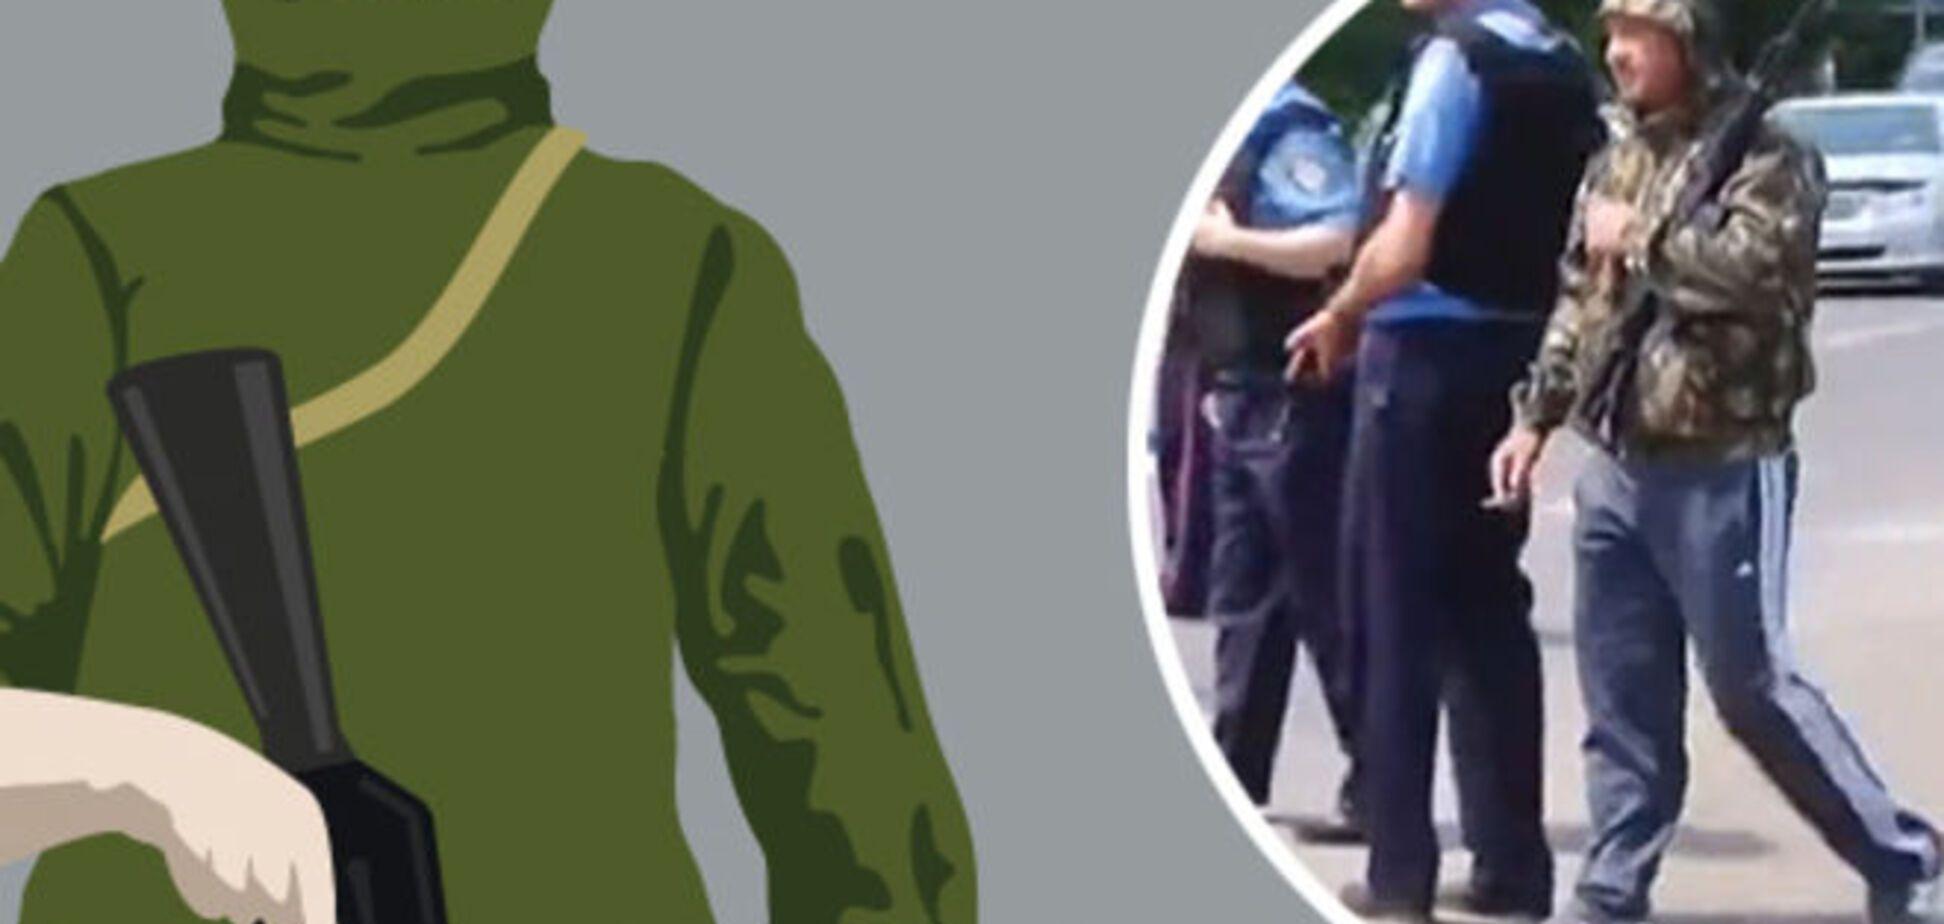 Тактические штаны и карабин. Сеть взорвали 'гопники' из Мукачево